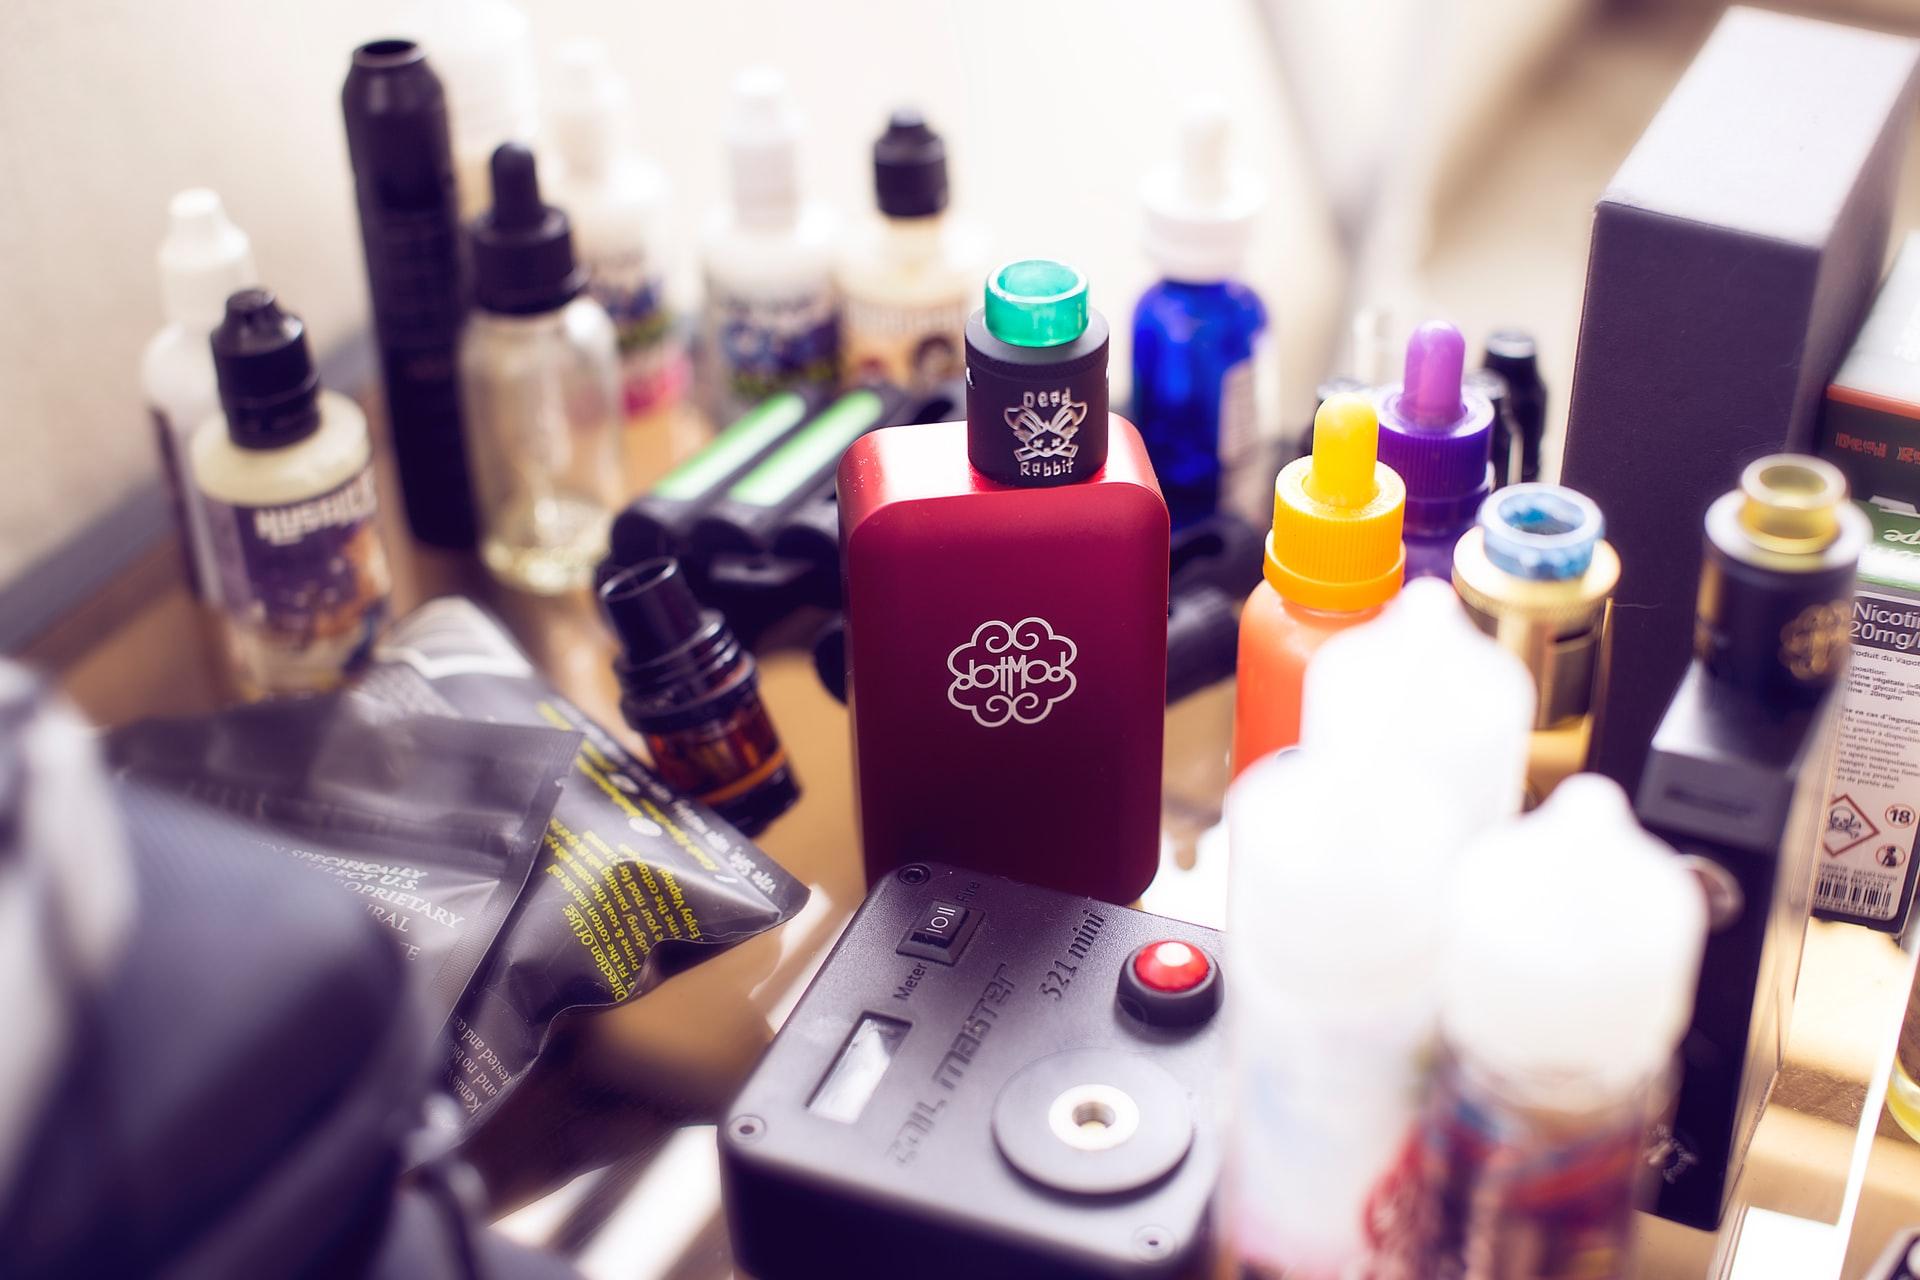 Comment choisir son E-liquide?